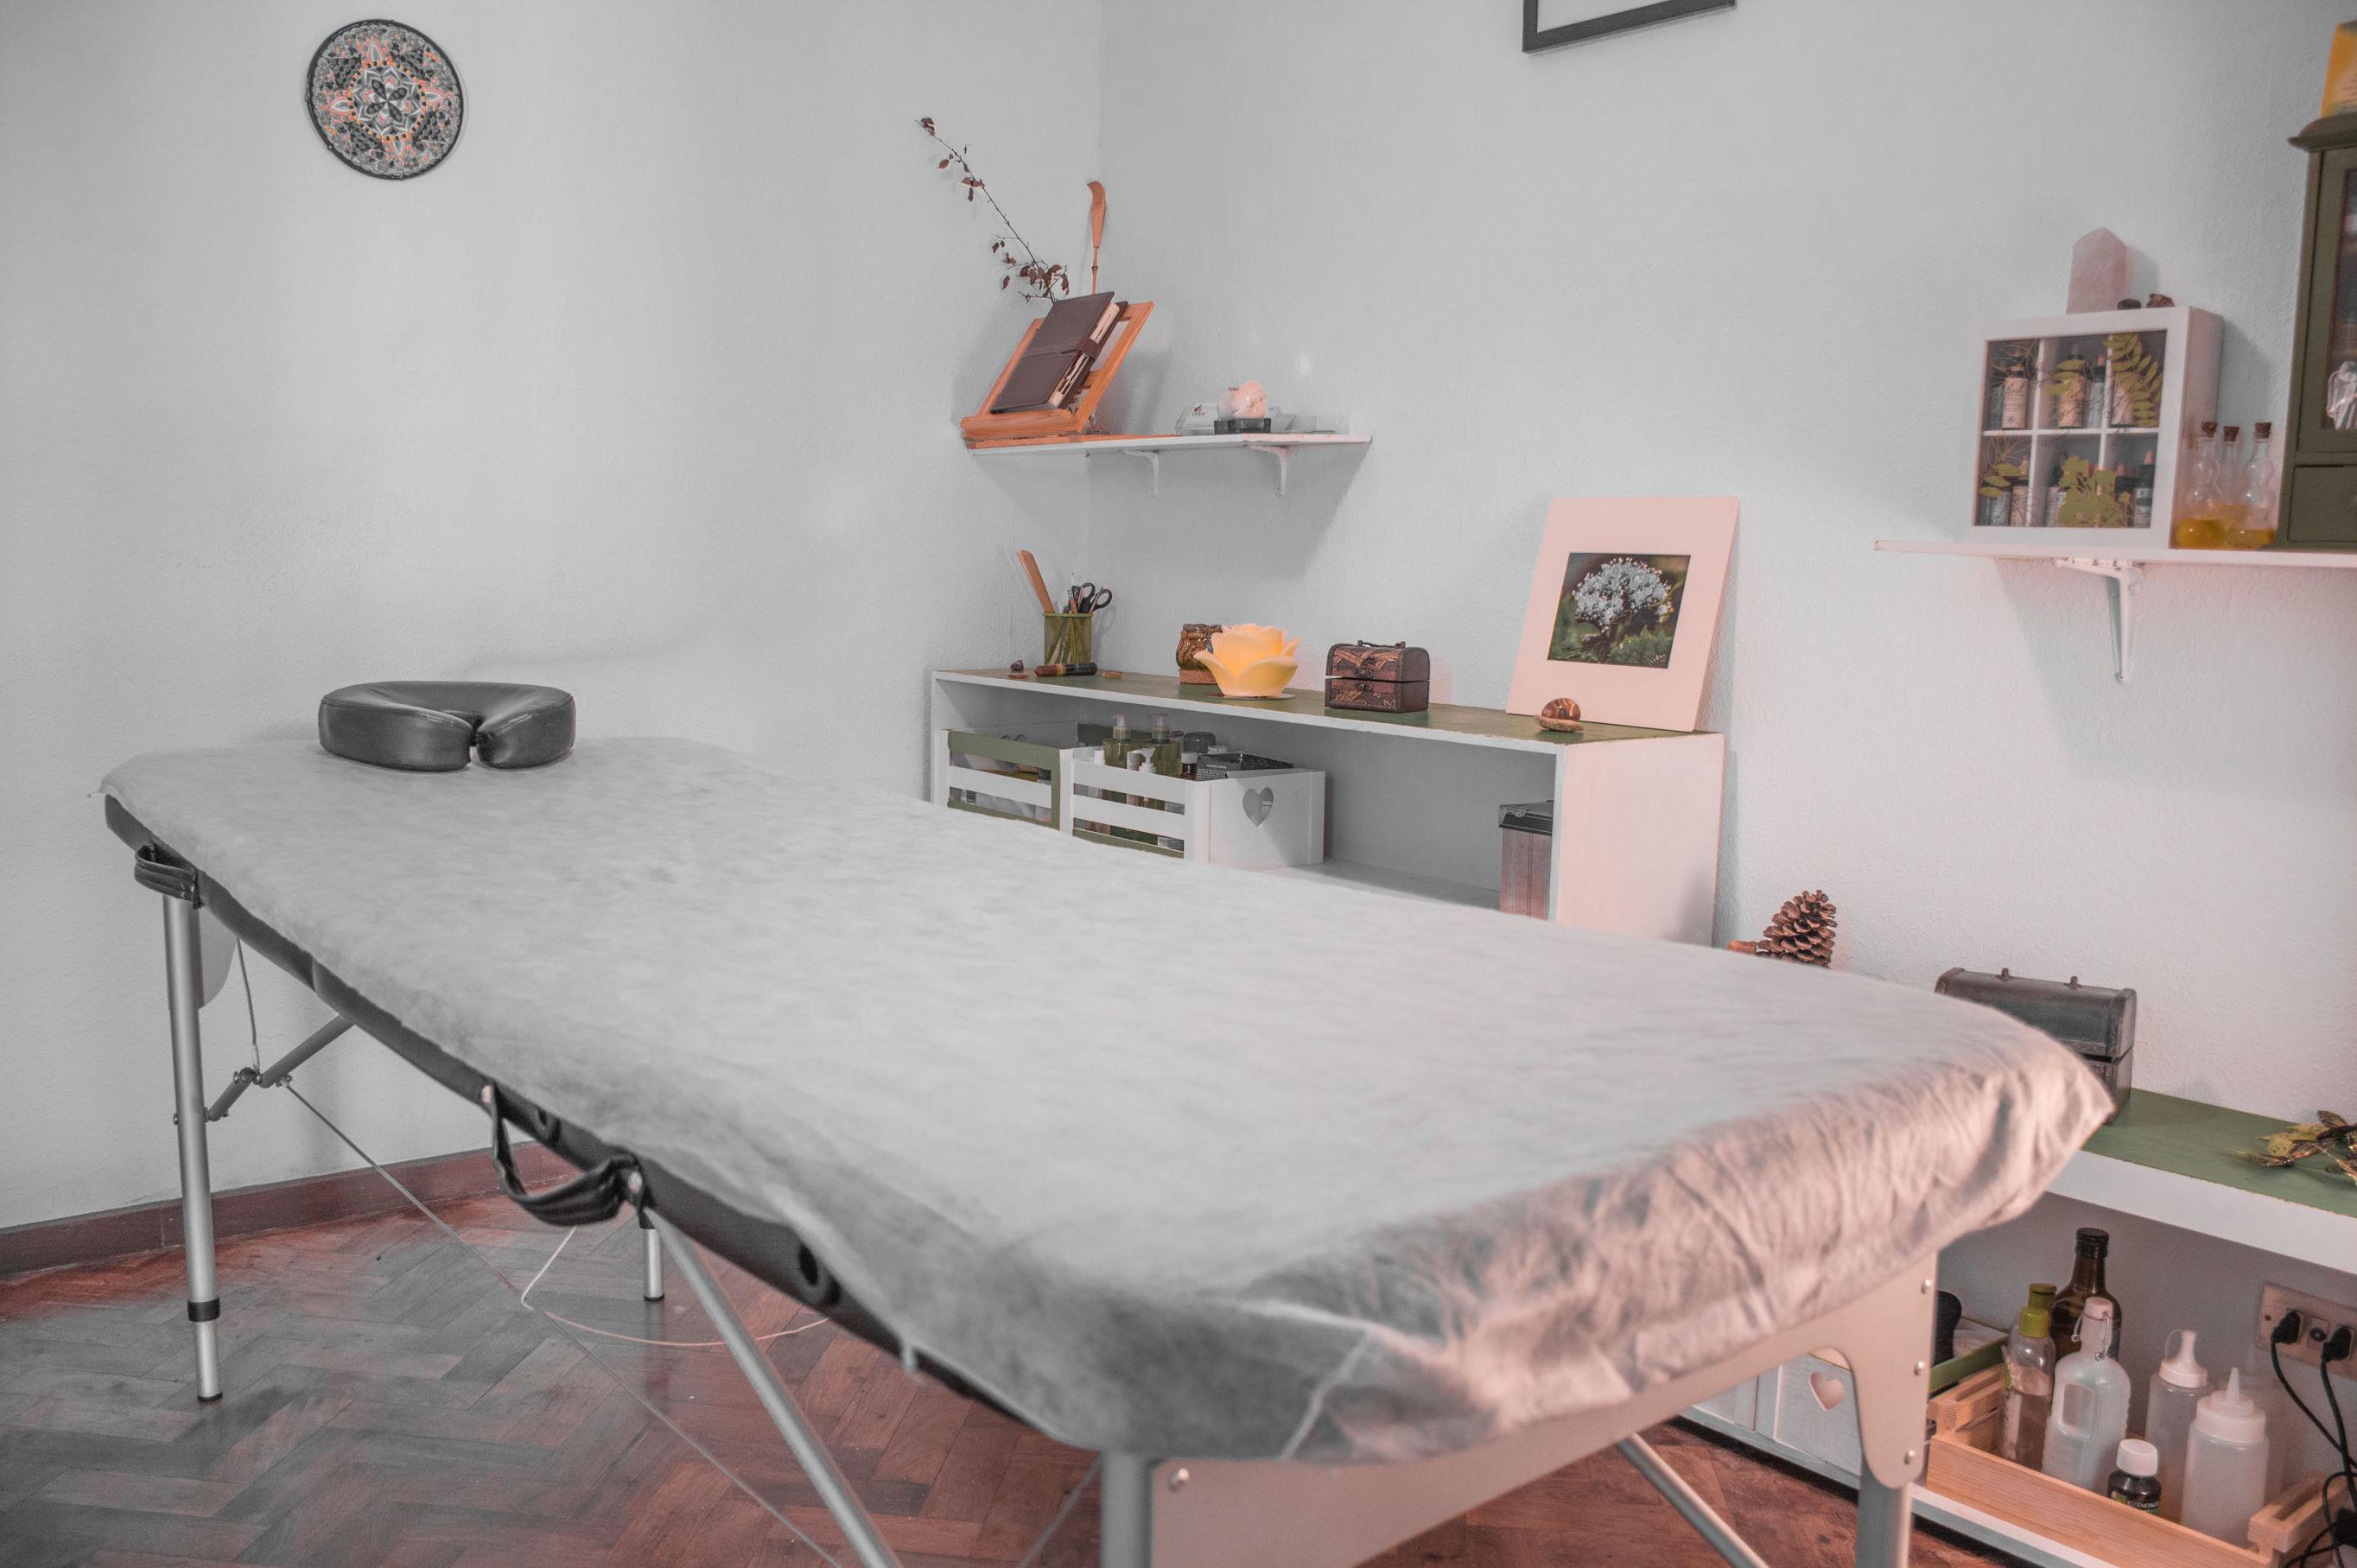 Foto 10 de Terapias manuales en A Coruña | Oinos Centro de Terapia